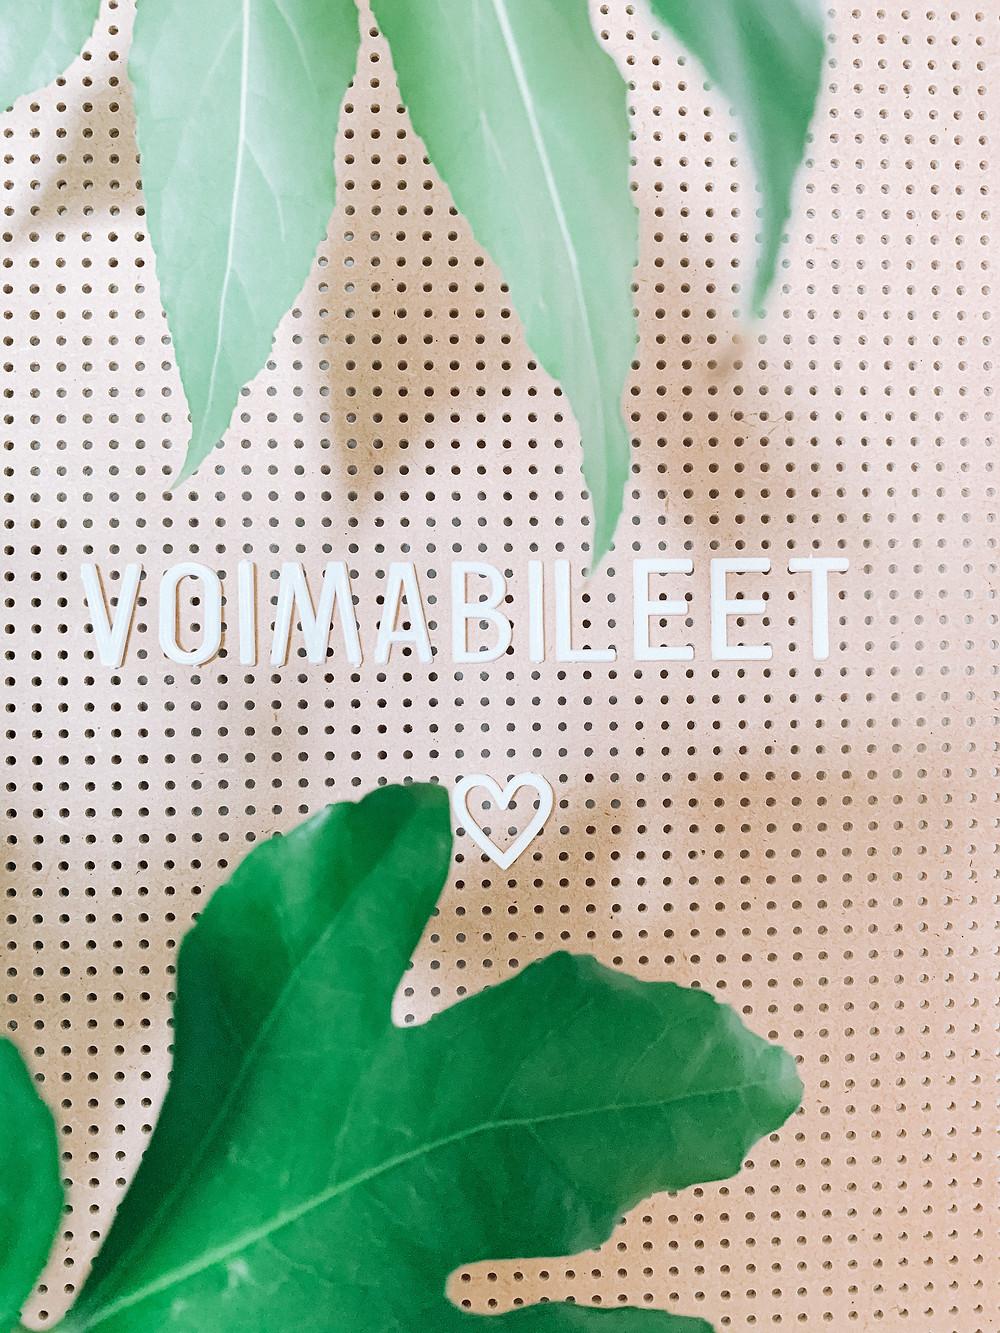 Ensimmäiset VOIMABILEET järjestettiin 5.4.2020